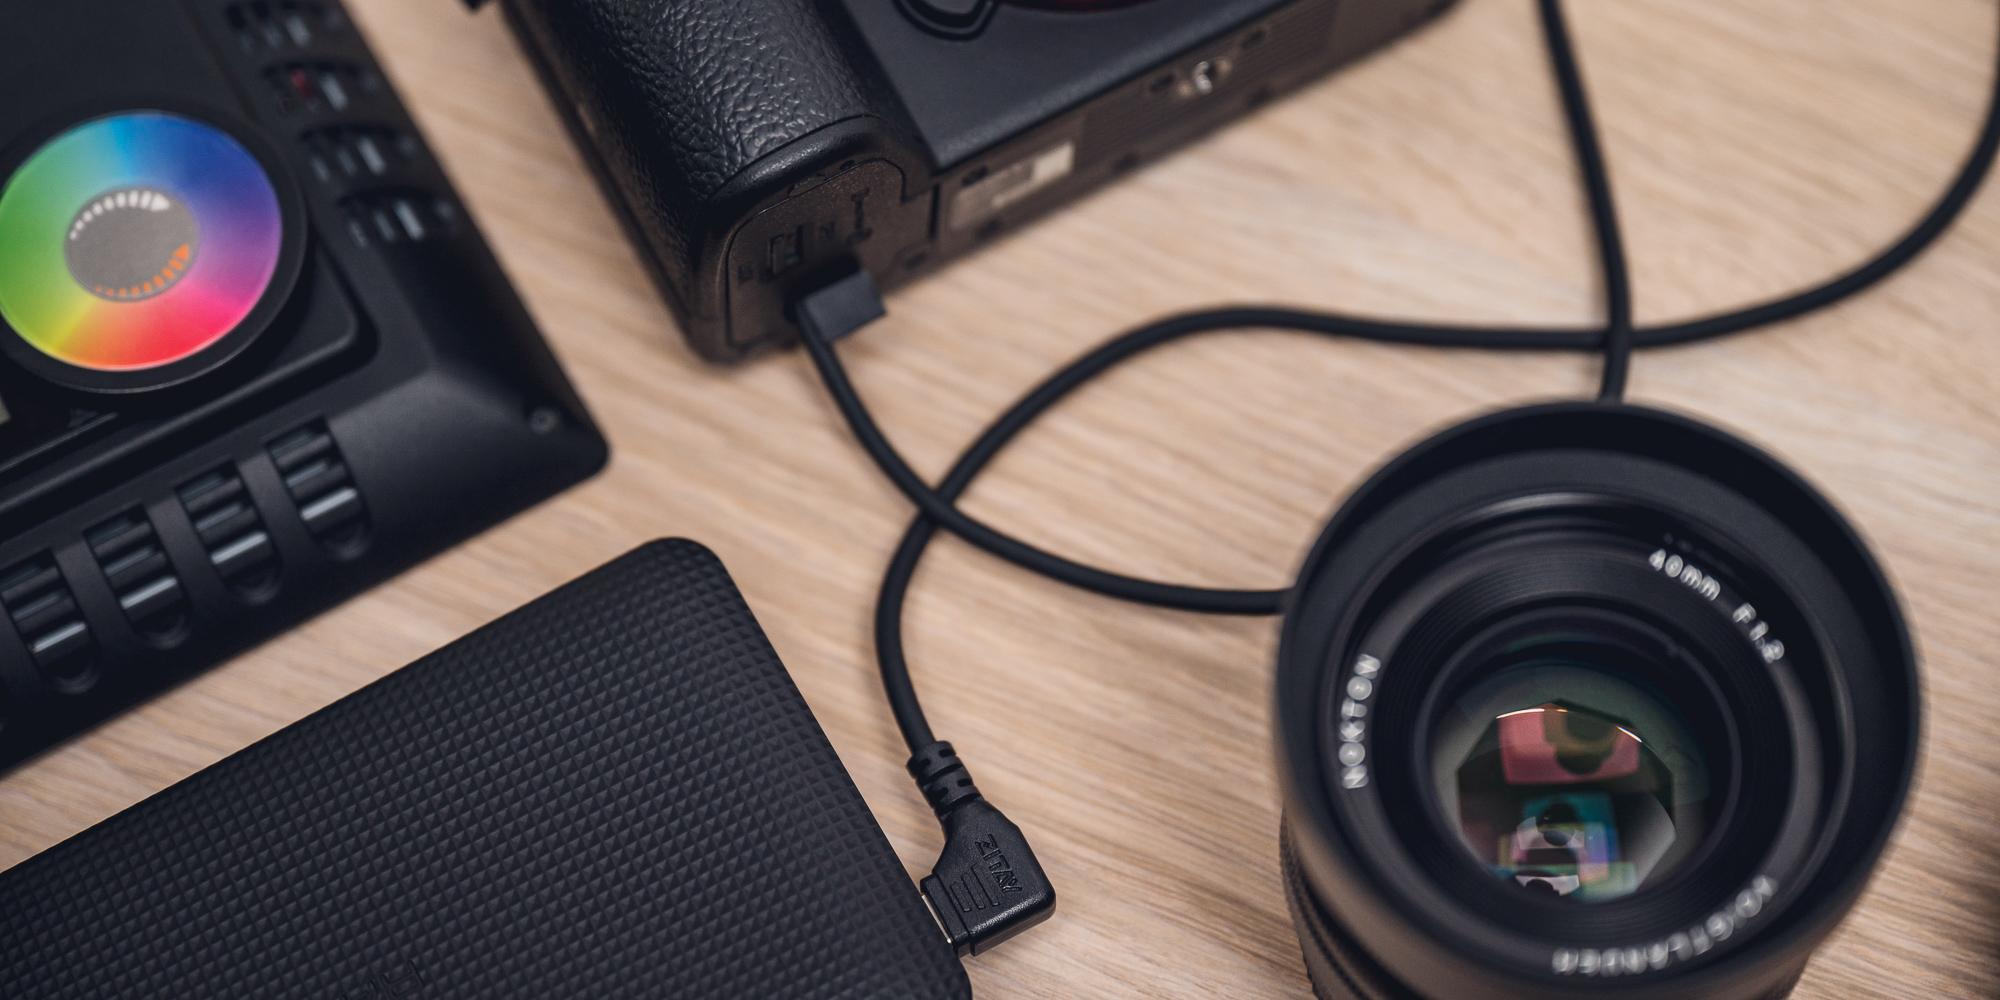 Adapter zasilania Zitay USB do NP-FZ100 - Wtyczka USB, która zawsze pasuje!